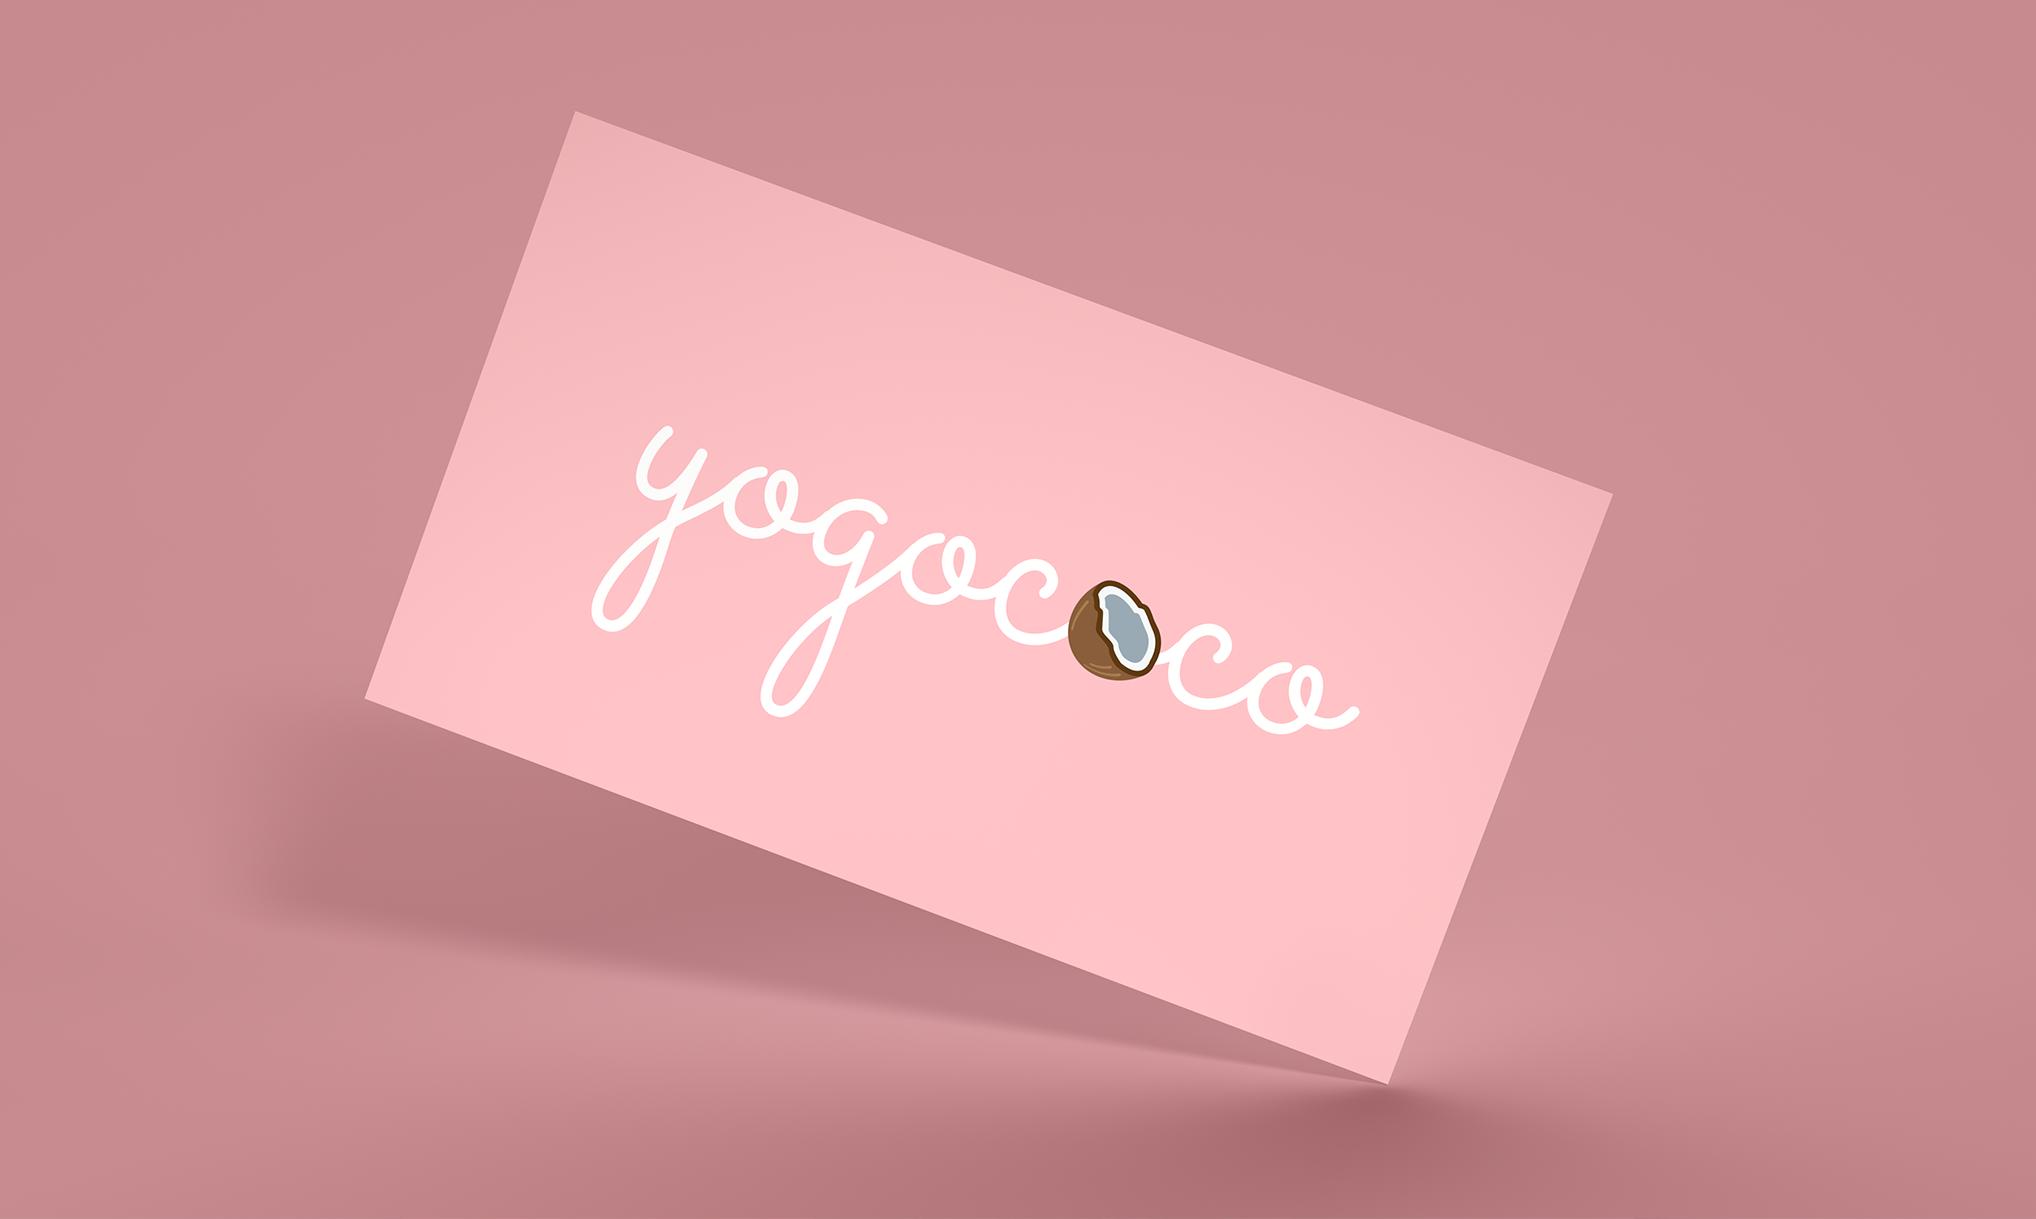 yogococo